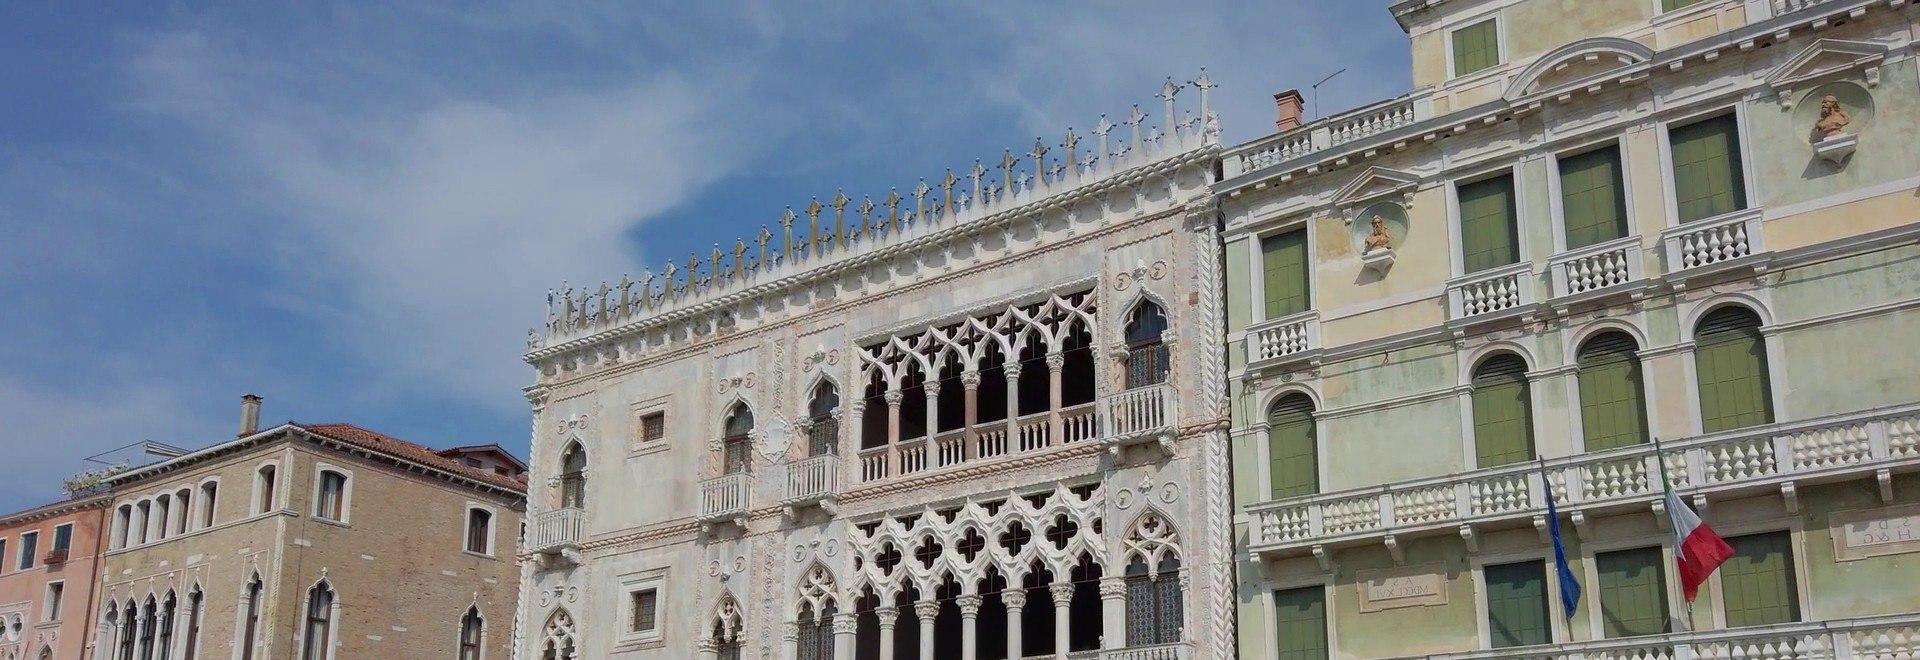 Palazzo Ducale Urbino - Galleria Nazionale delle Marche